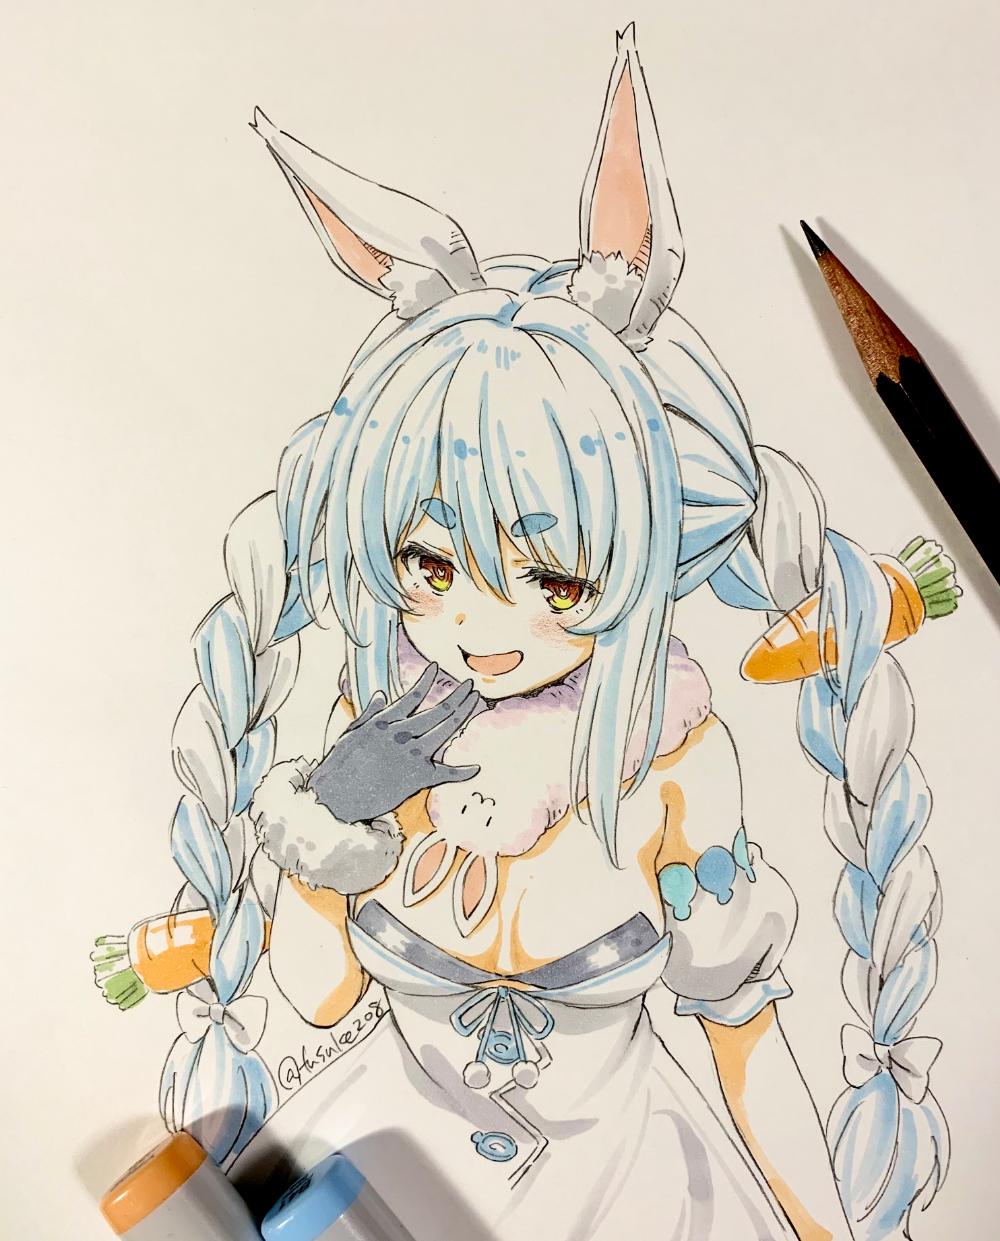 ふうすけ on Twitter in 2020 Kawaii anime, Anime wallpaper